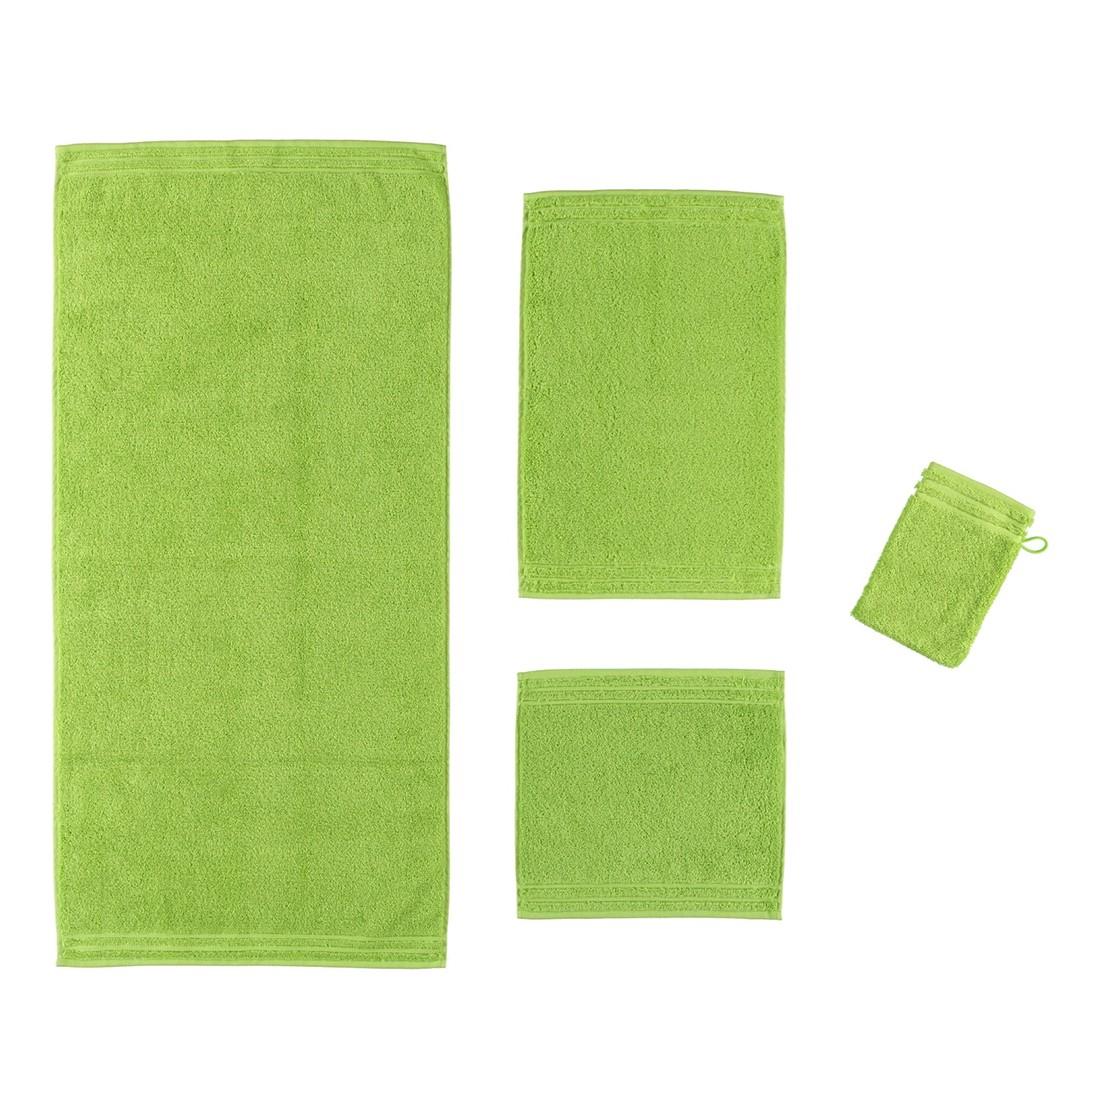 Handtuch Calypso Feeling – 100% Baumwolle meadowgreen – 530 – Duschtuch: 67×140 cm, Vossen jetzt kaufen